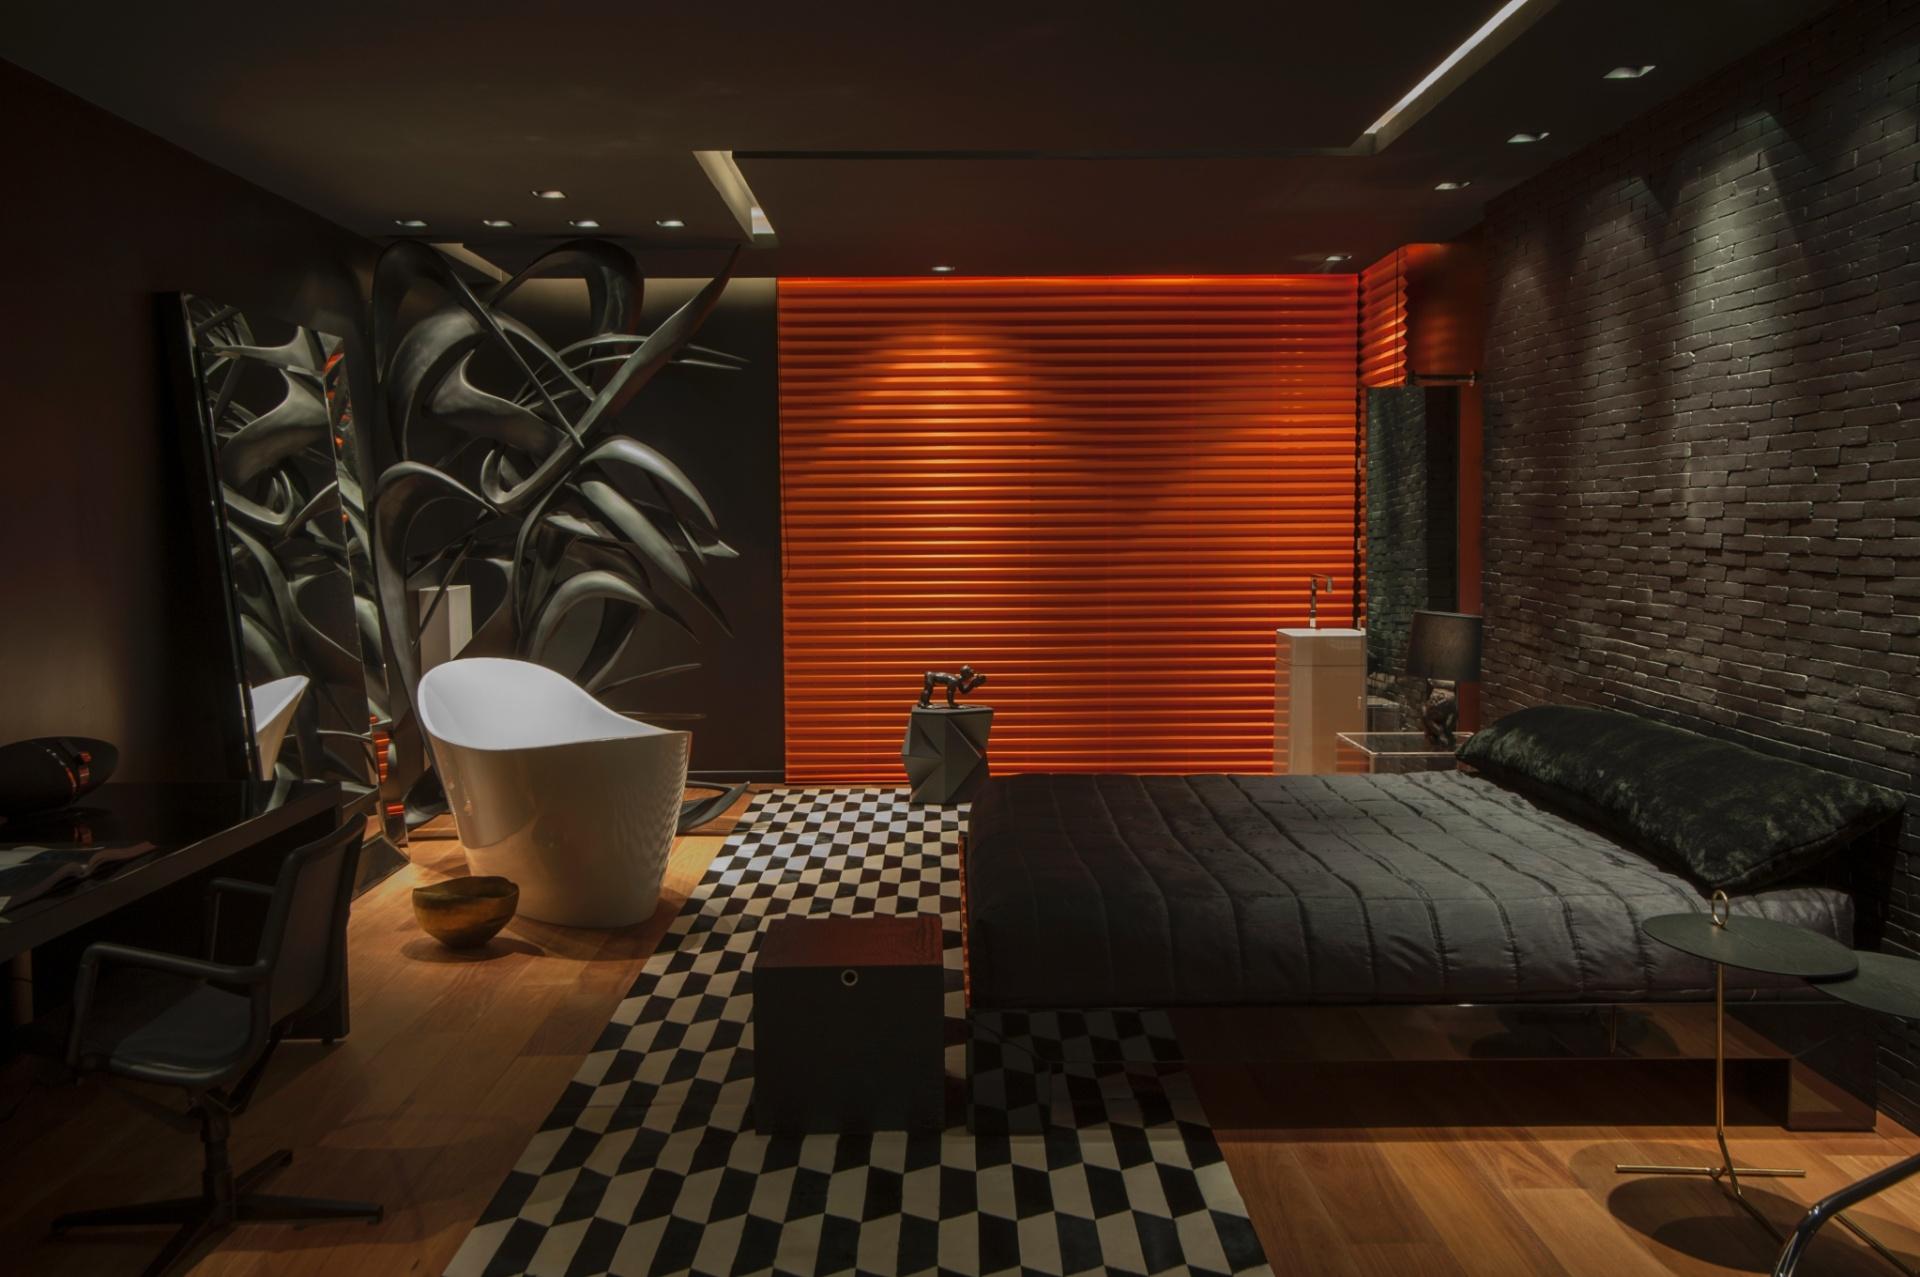 Projetado pelo arquiteto Rodrigo Fagá, o Loft do Publicitário é uma